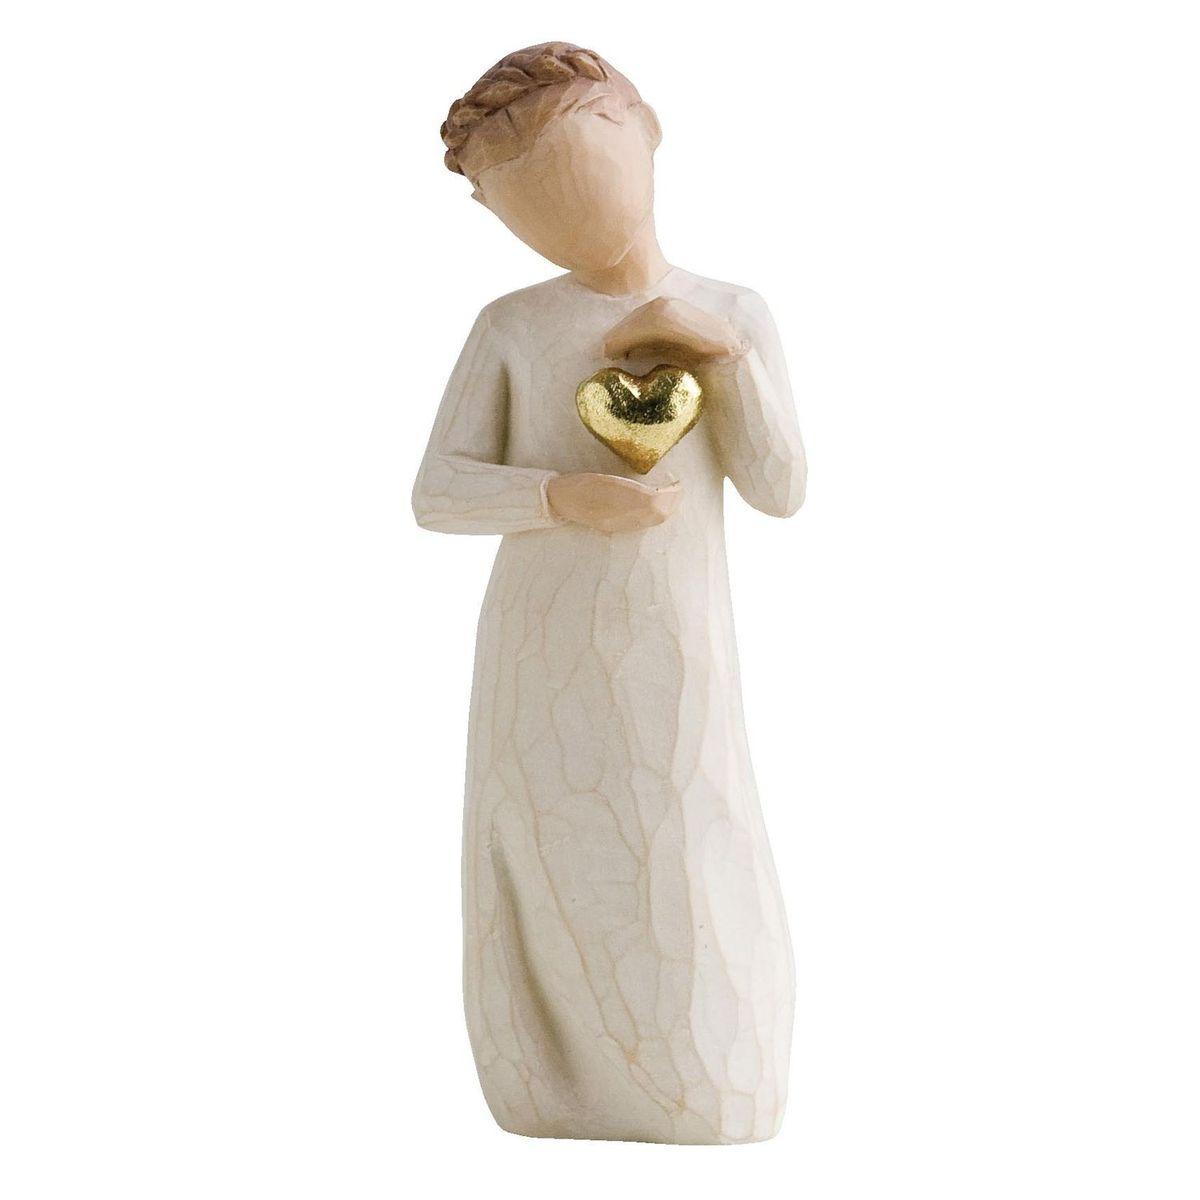 Фигурка Willow Tree Память, девочка 13,5 см.26132Эти прекрасные статуэтки созданы канадским скульптором Сьюзан Лорди. Каждая фигурка – это настоящее произведение искусства, образная скульптура в миниатюре, изображающая эмоции и чувства, которые помогают нам чувствовать себя ближе к другим, верить в мечту, выражать любовь. Каждая фигурка помещена в красивую упаковку. Купить такой оригинальный подарок, значит не только украсить интерьер помещения или жилой комнаты, но выразить свое глубокое отношение к любимому человеку. Этот прекрасный сувенир будет лучшим подарком на день ангела, именины, день рождения, юбилей. Материал: Искусственный камень (49% карбонат кальция мелкозернистой разновидности, 51% искусственный камень)